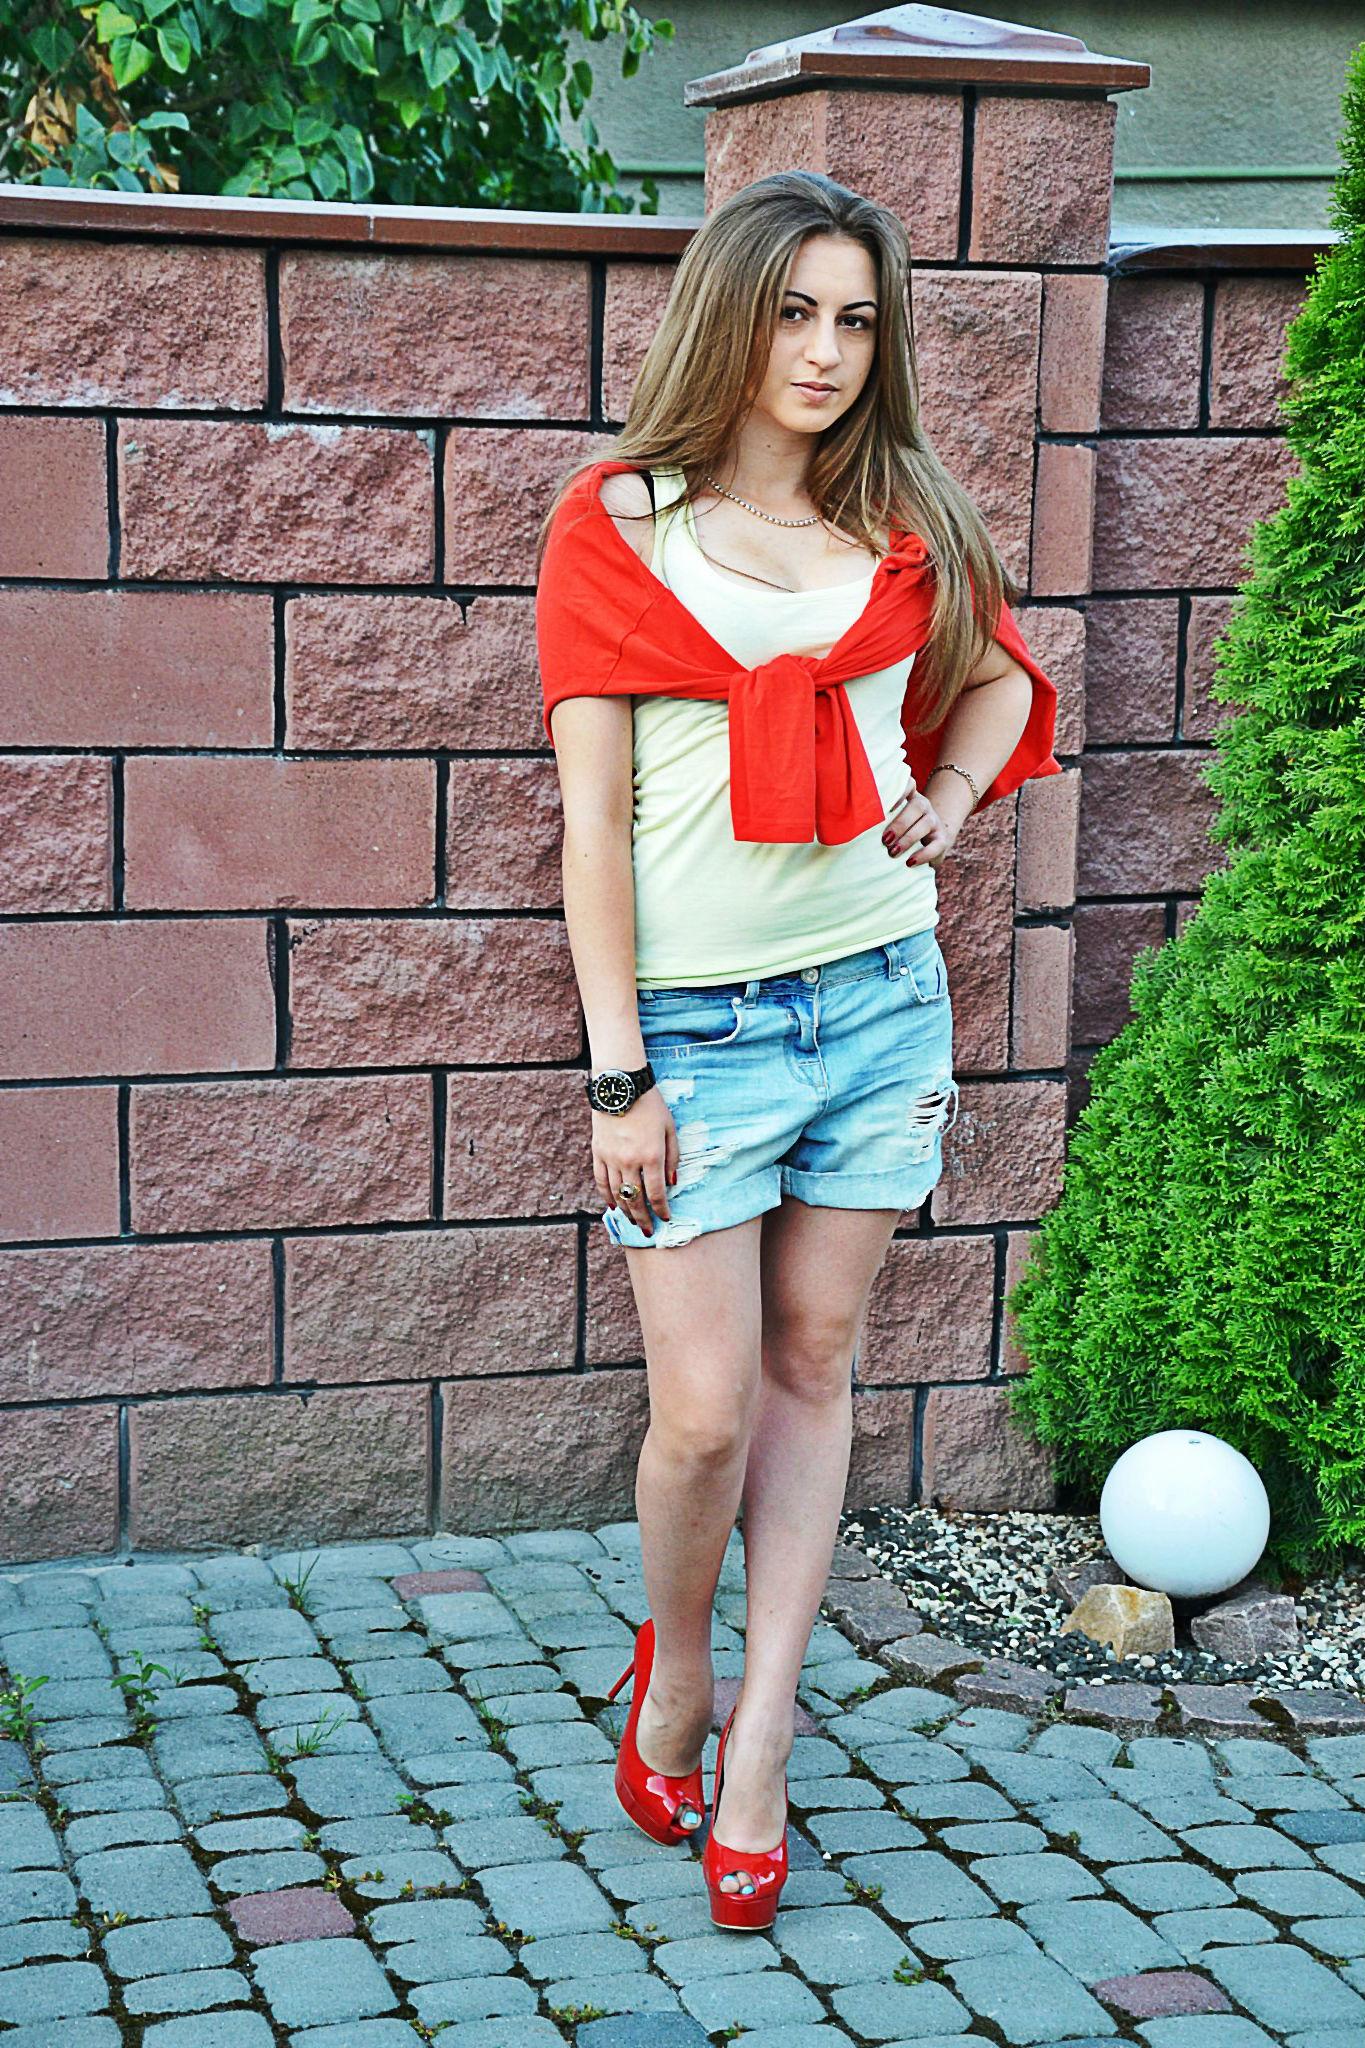 Девчонка в белом топике и джинсовых шортах